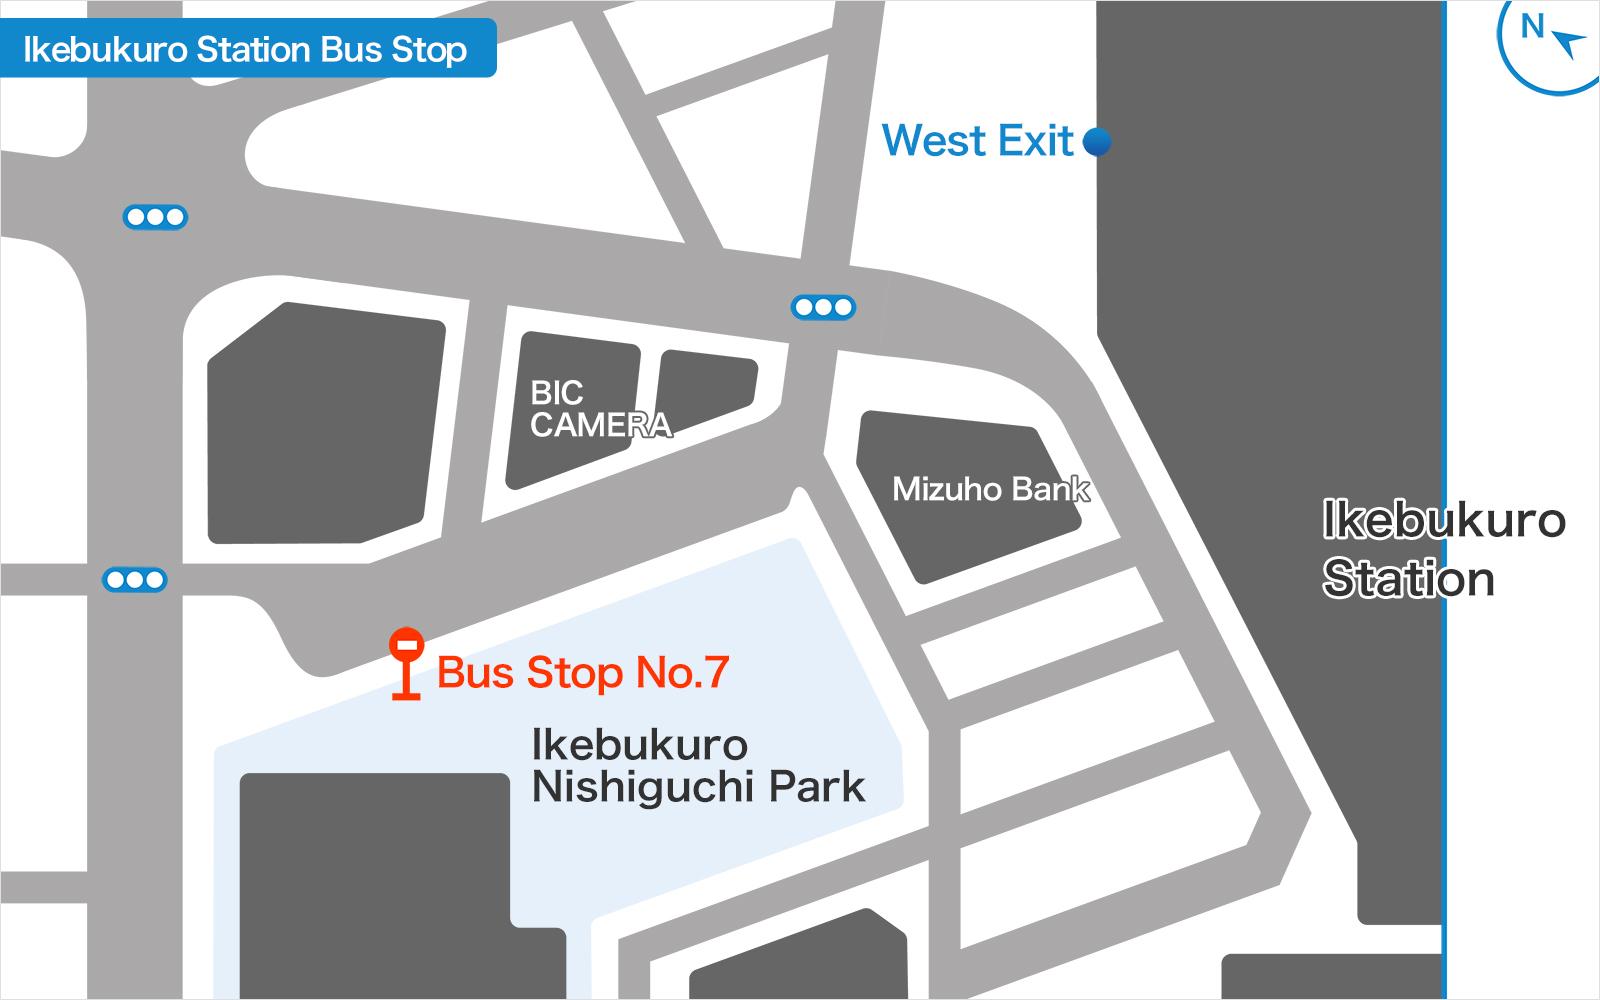 池袋駅バス乗り場の画像